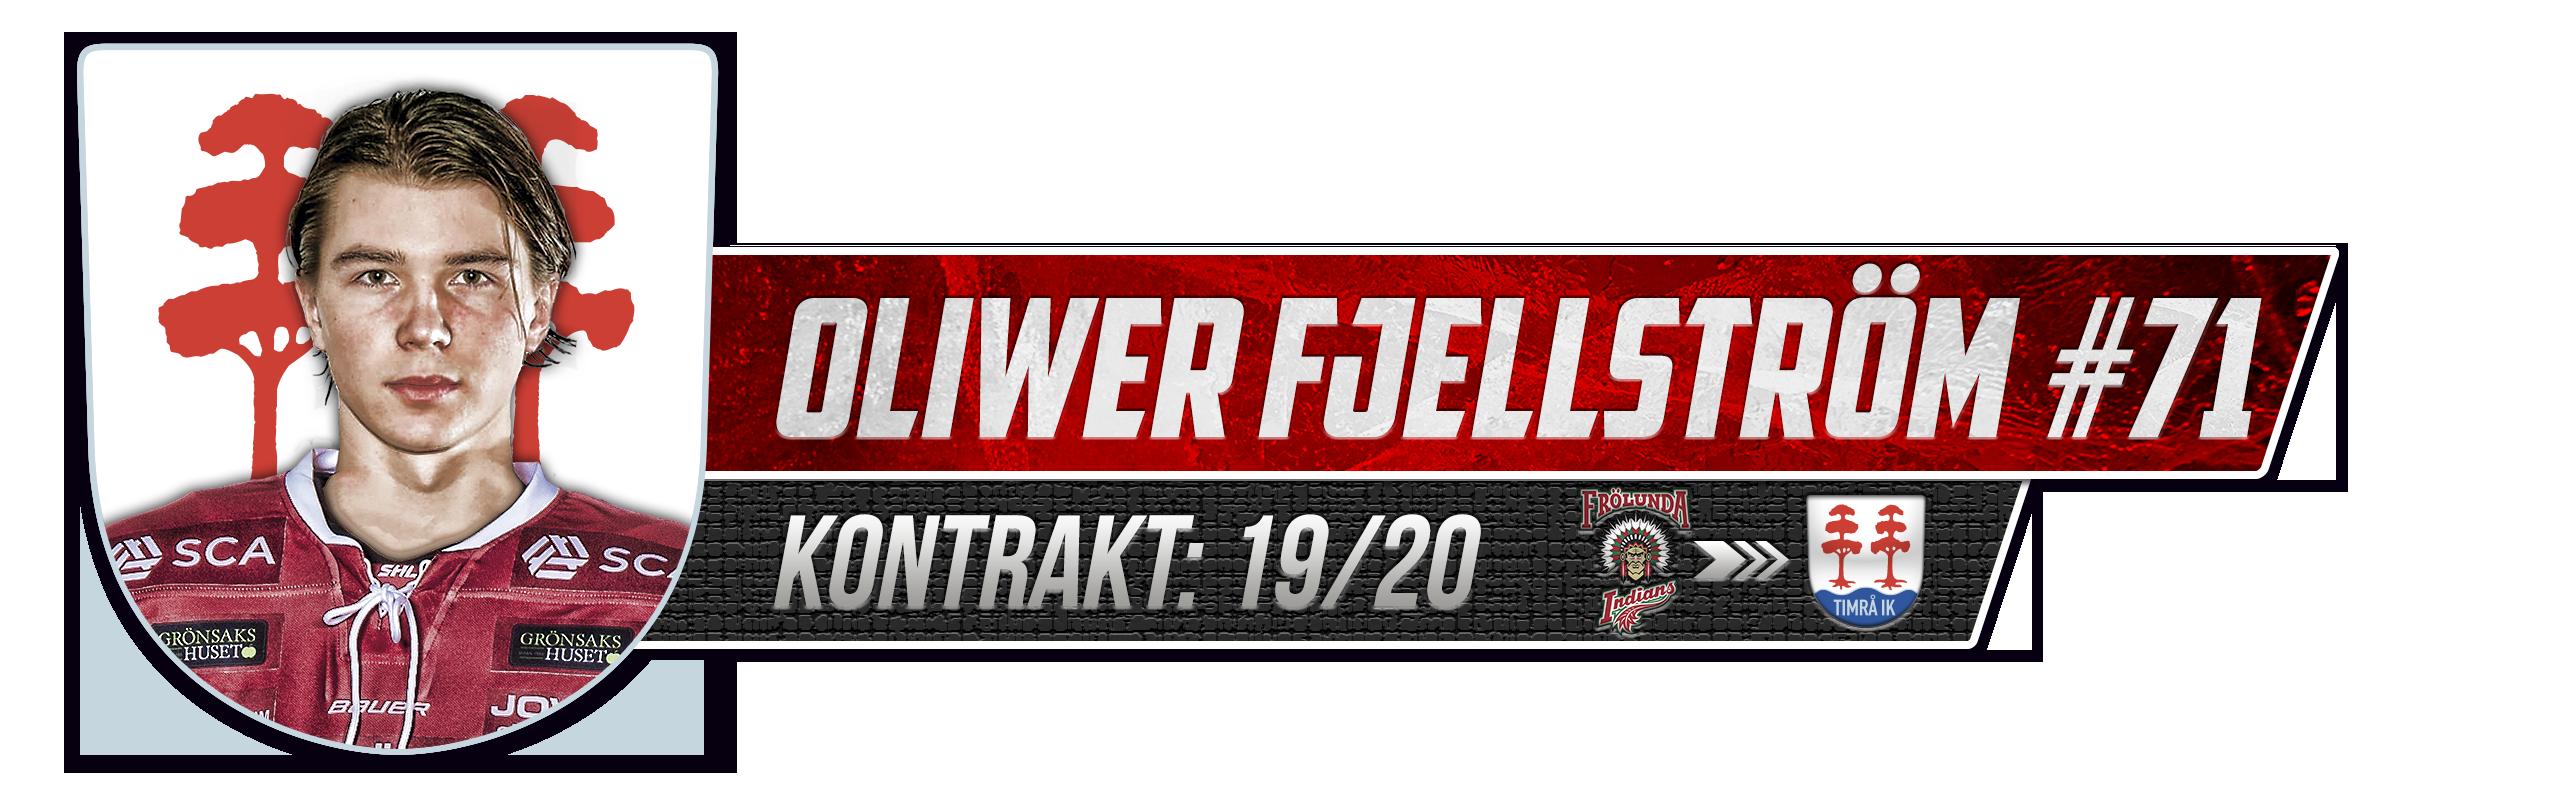 Oliwer Fjellström